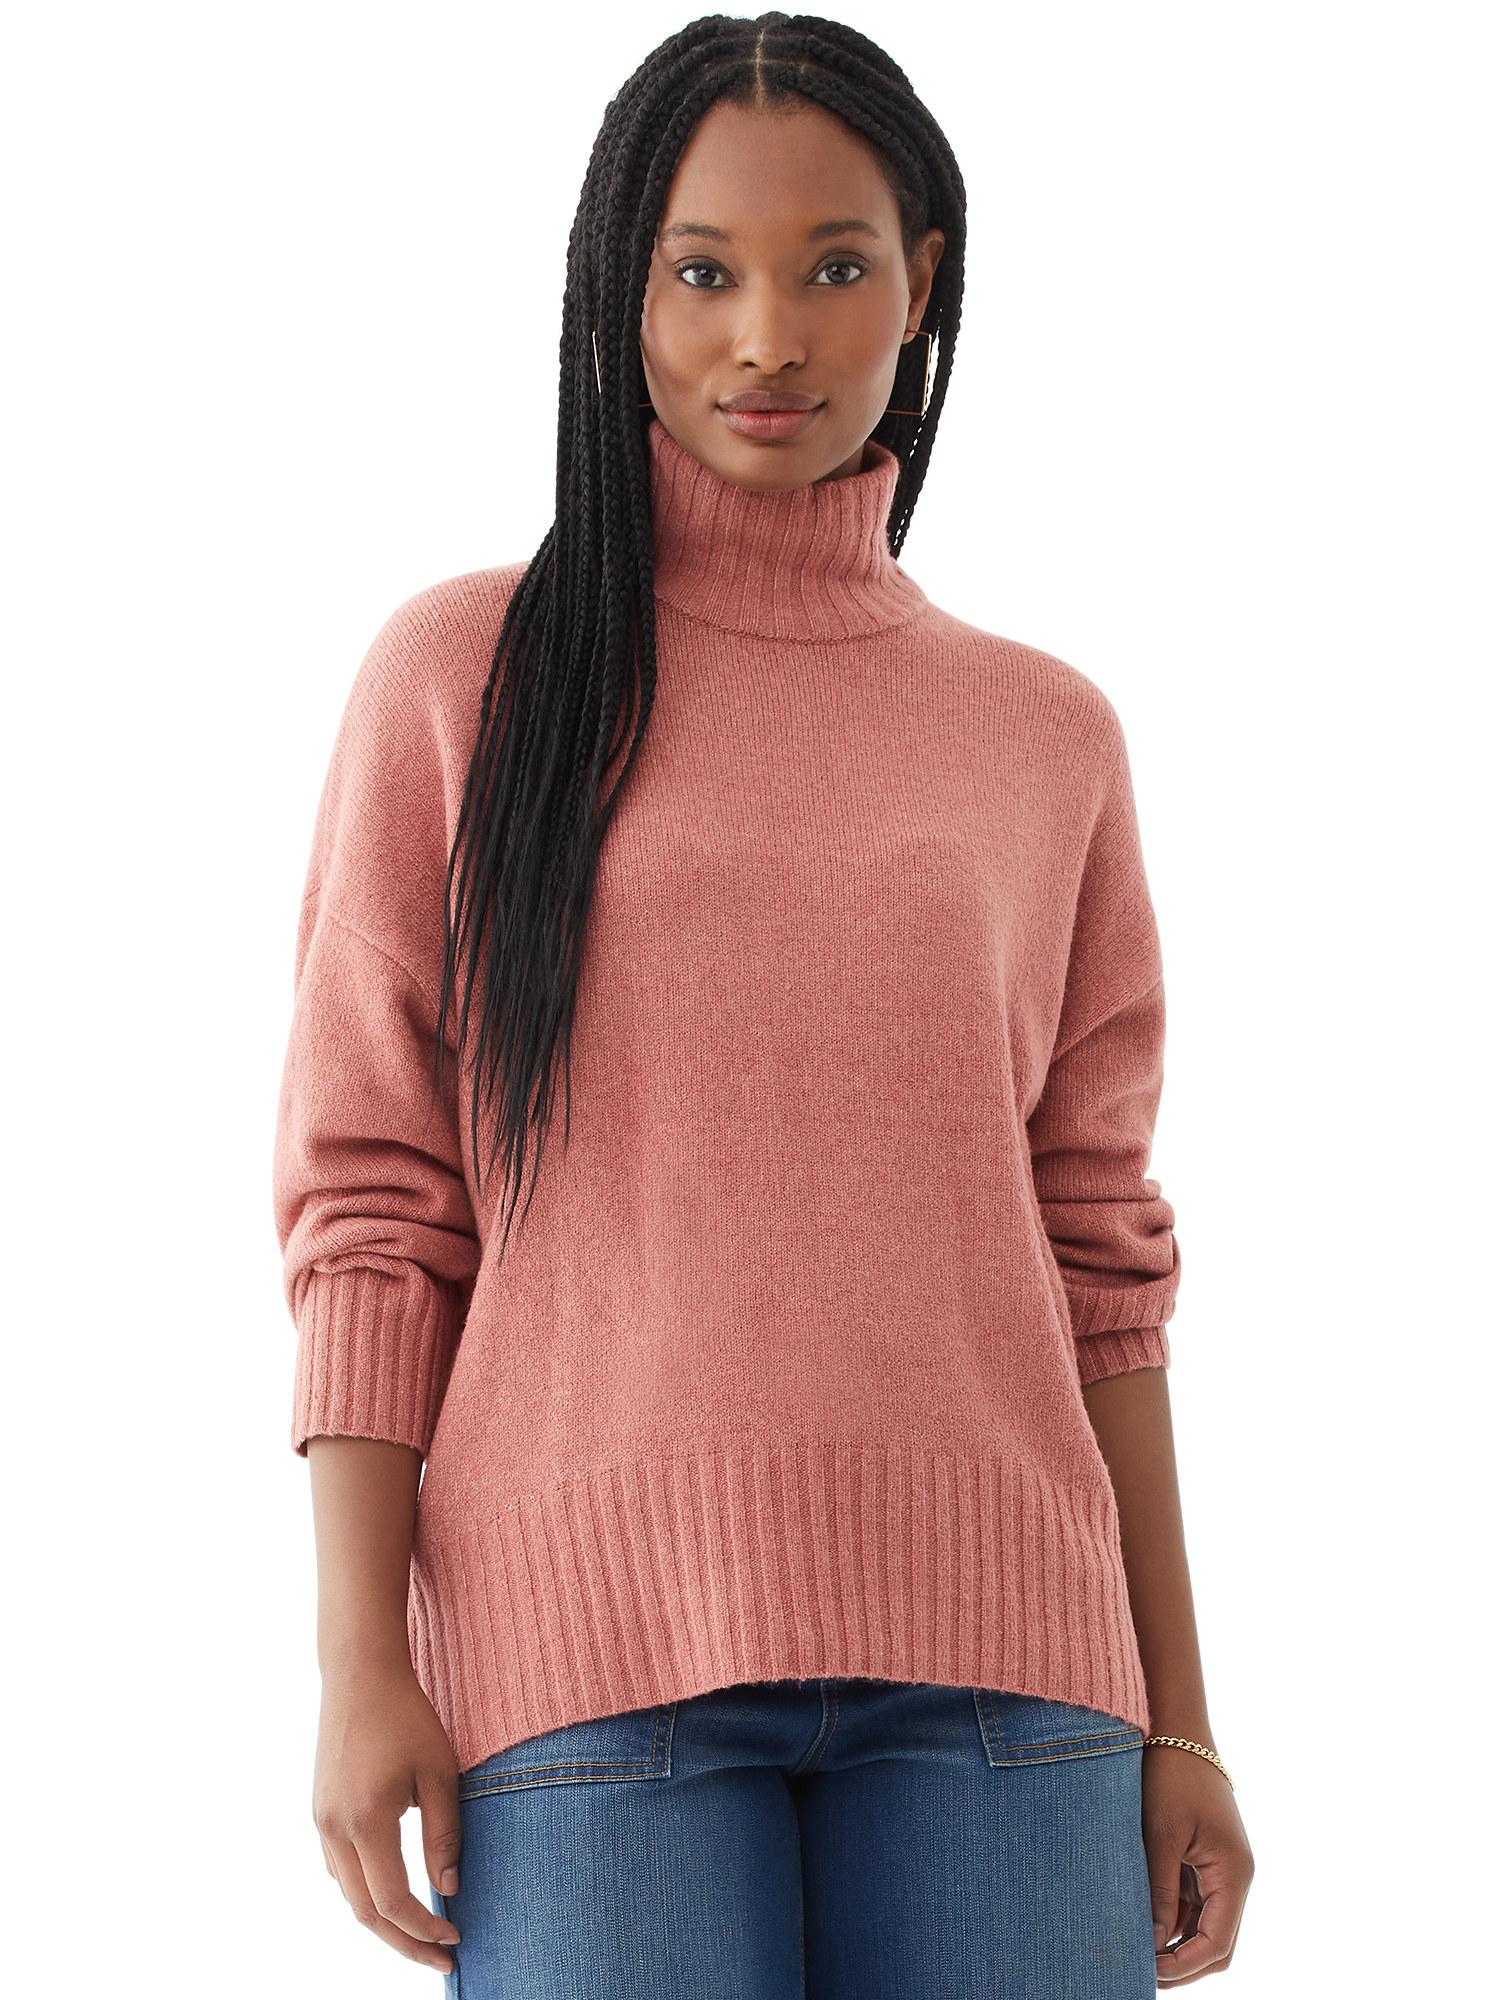 Model wearing pink sweater